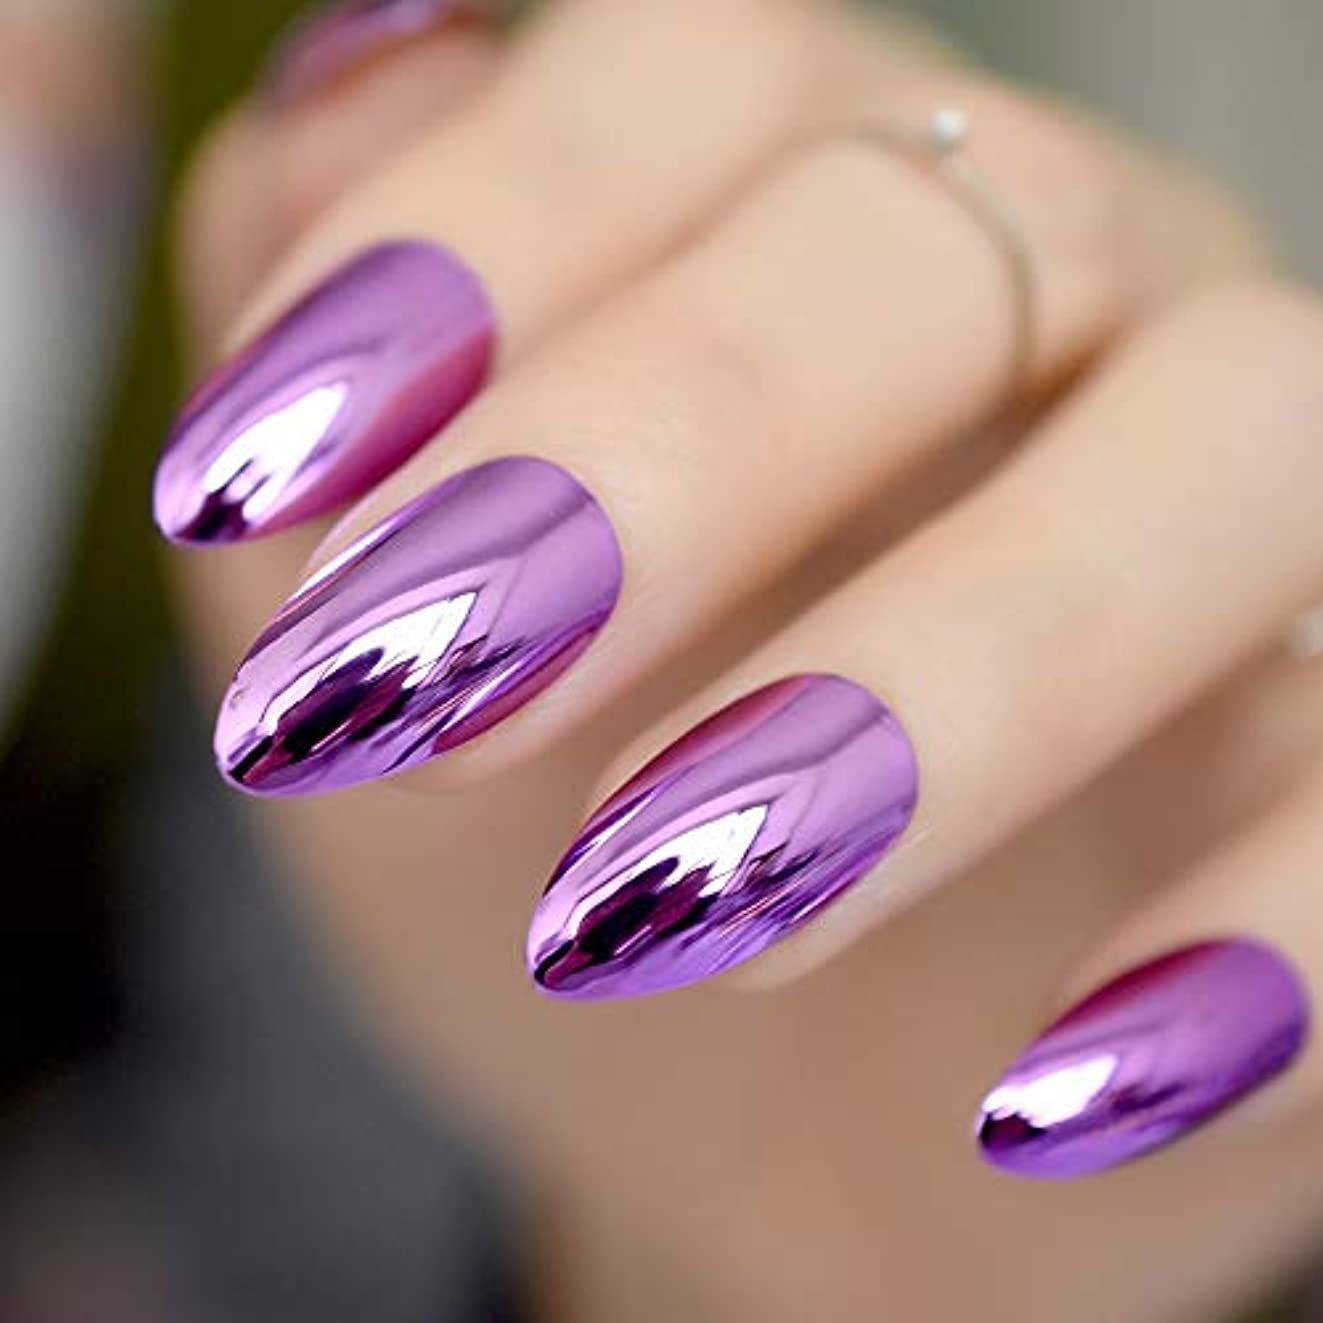 要塞分類するバンクXUTXZKA 女性の指のヒントのためのアクリルパープル偽ネイルメタルミラー偽ネイルミディアムシャープスチレットネイル